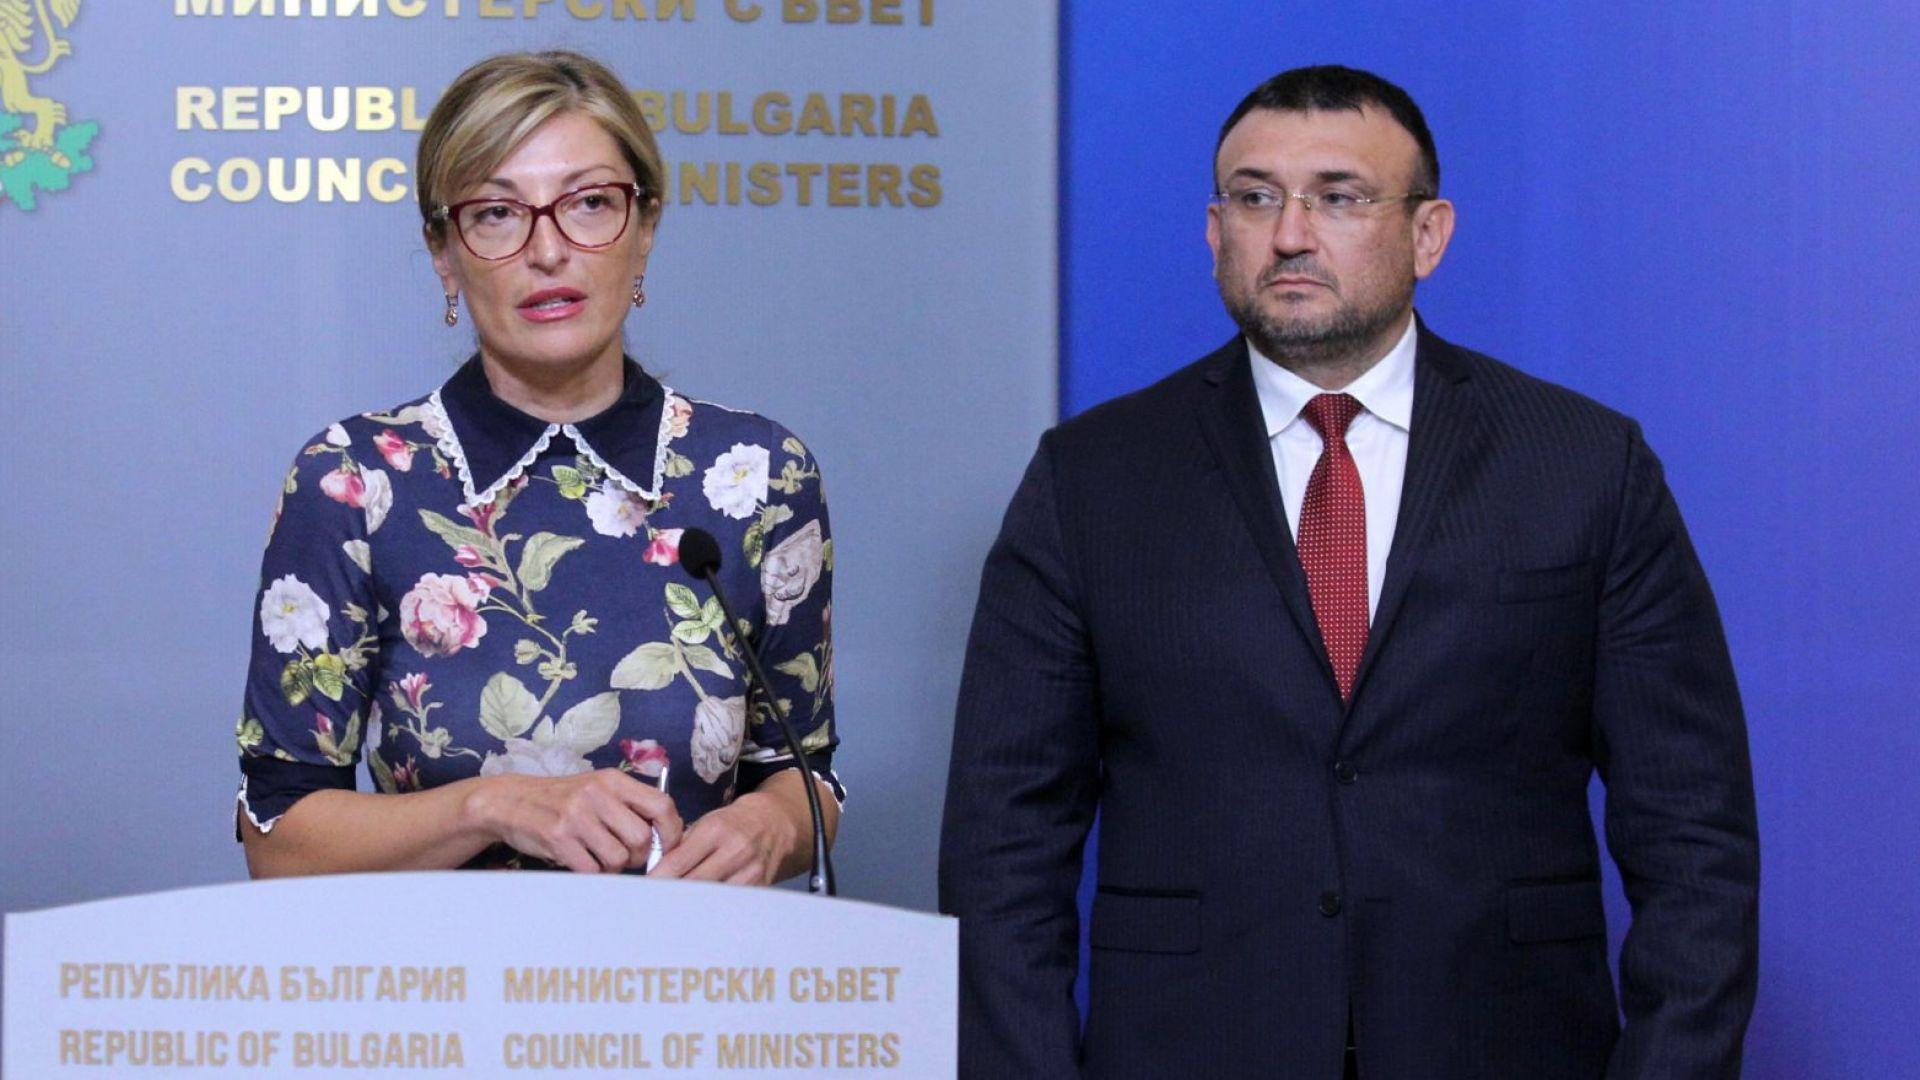 България е покрила всички препоръки и изпълнила всички показатели по